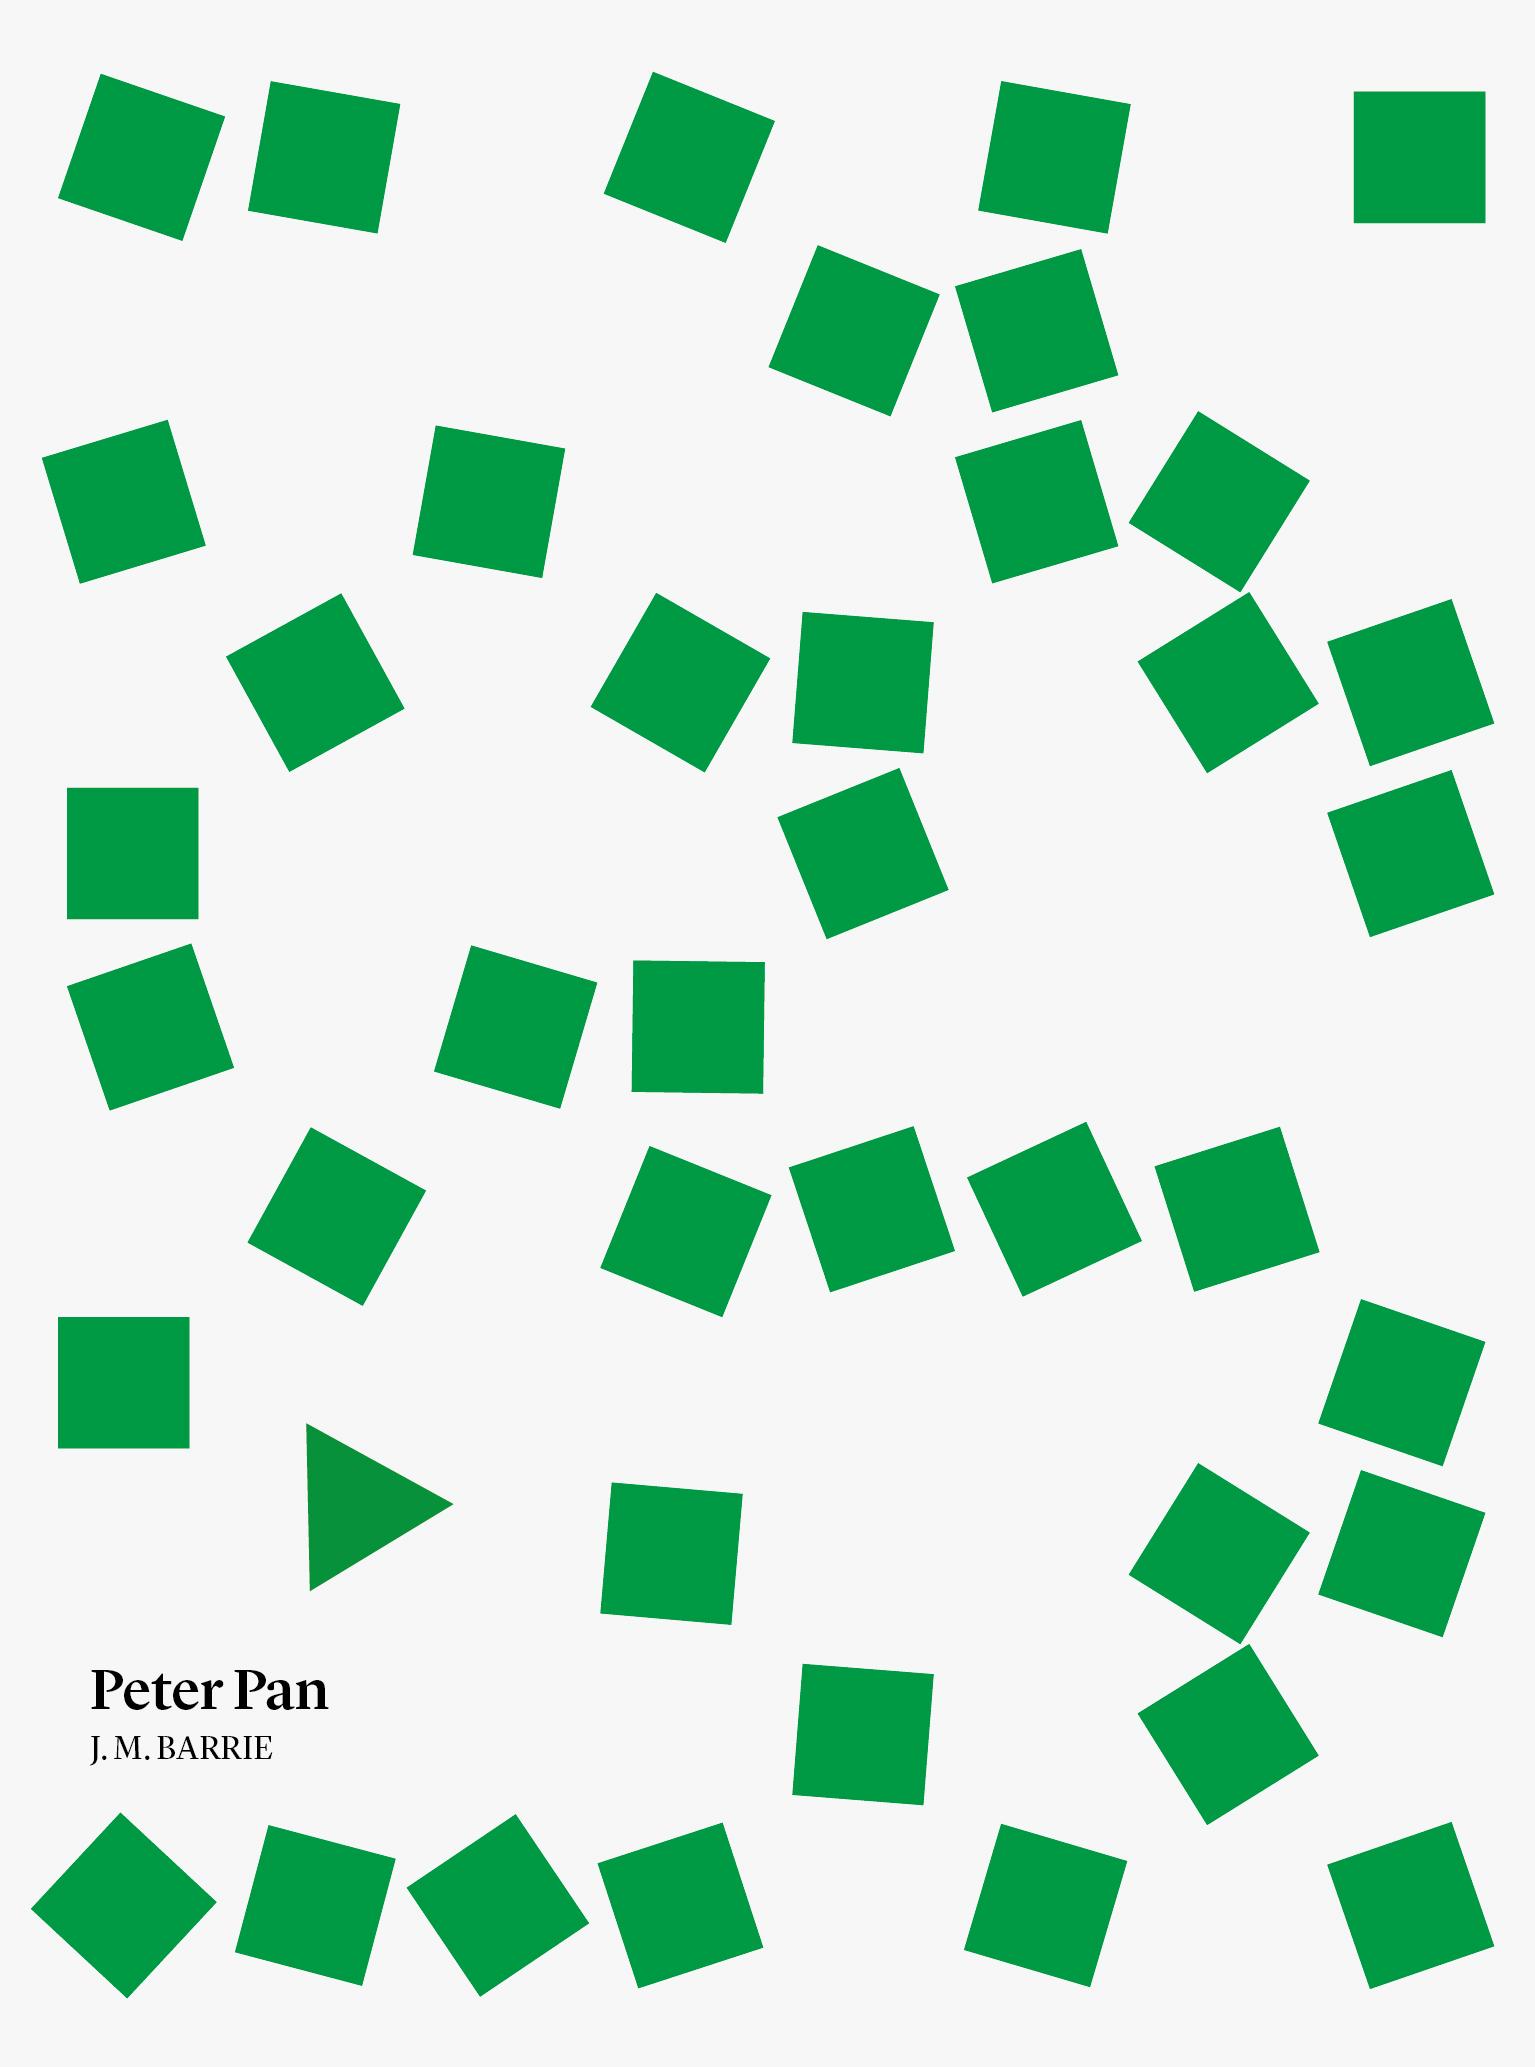 Peter Pan 1  - Playfulness and Solitude